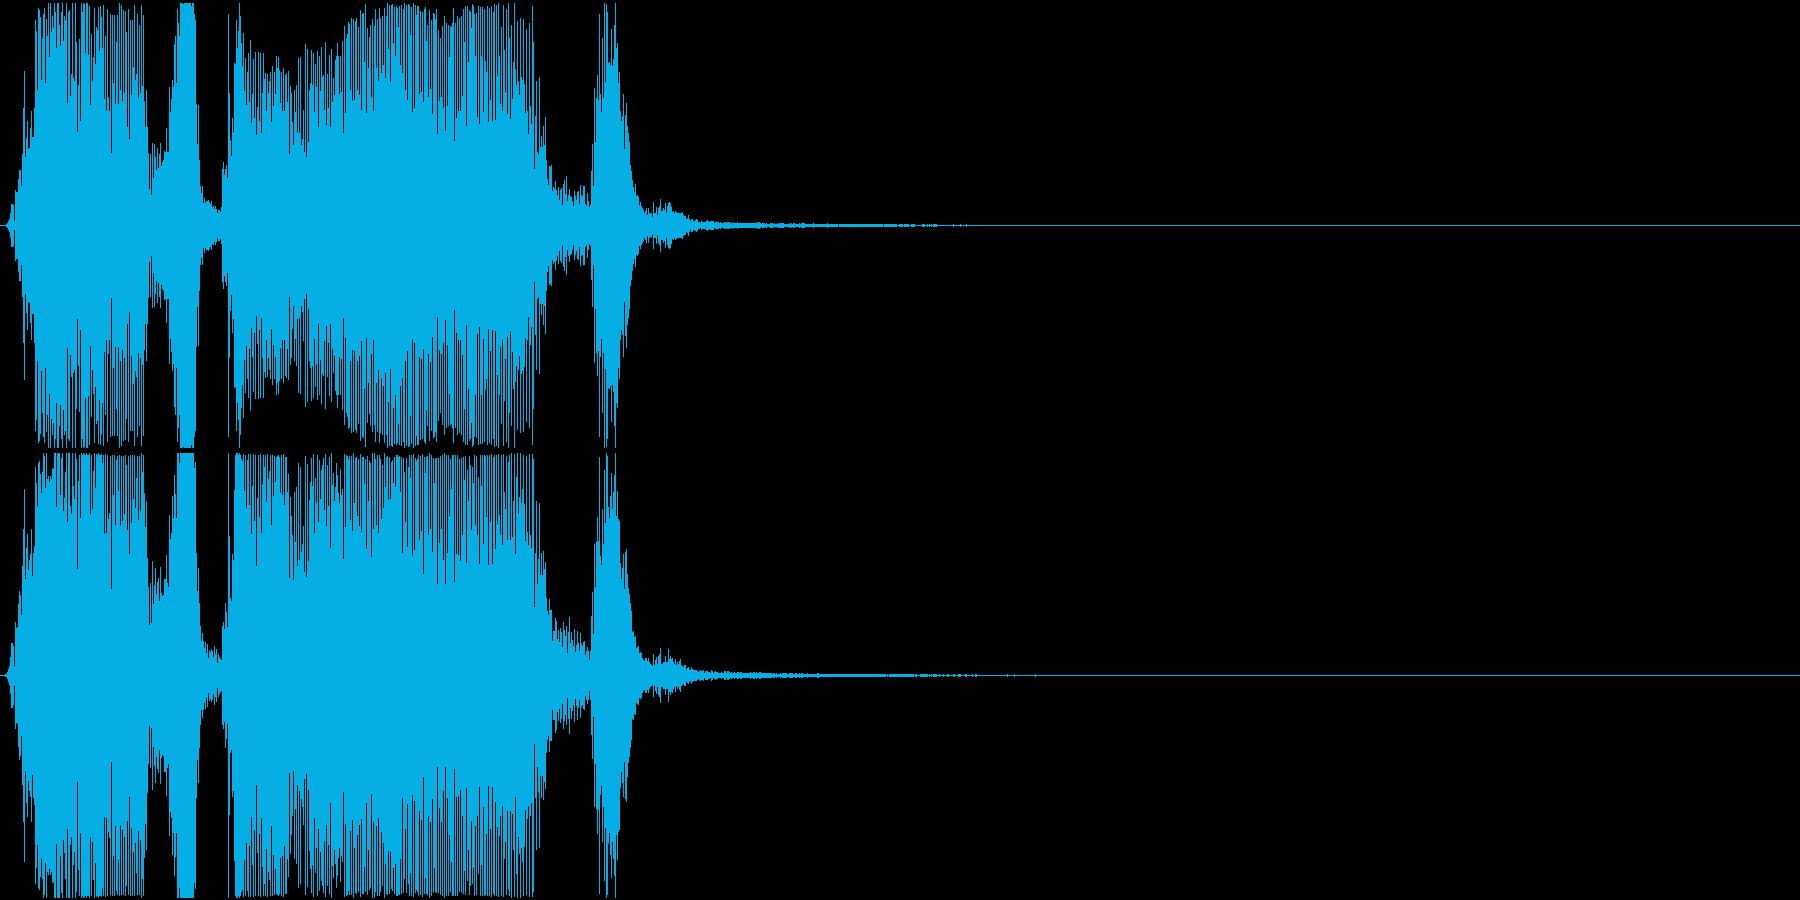 「ザッツグレート!」ゲーム・アプリ用の再生済みの波形